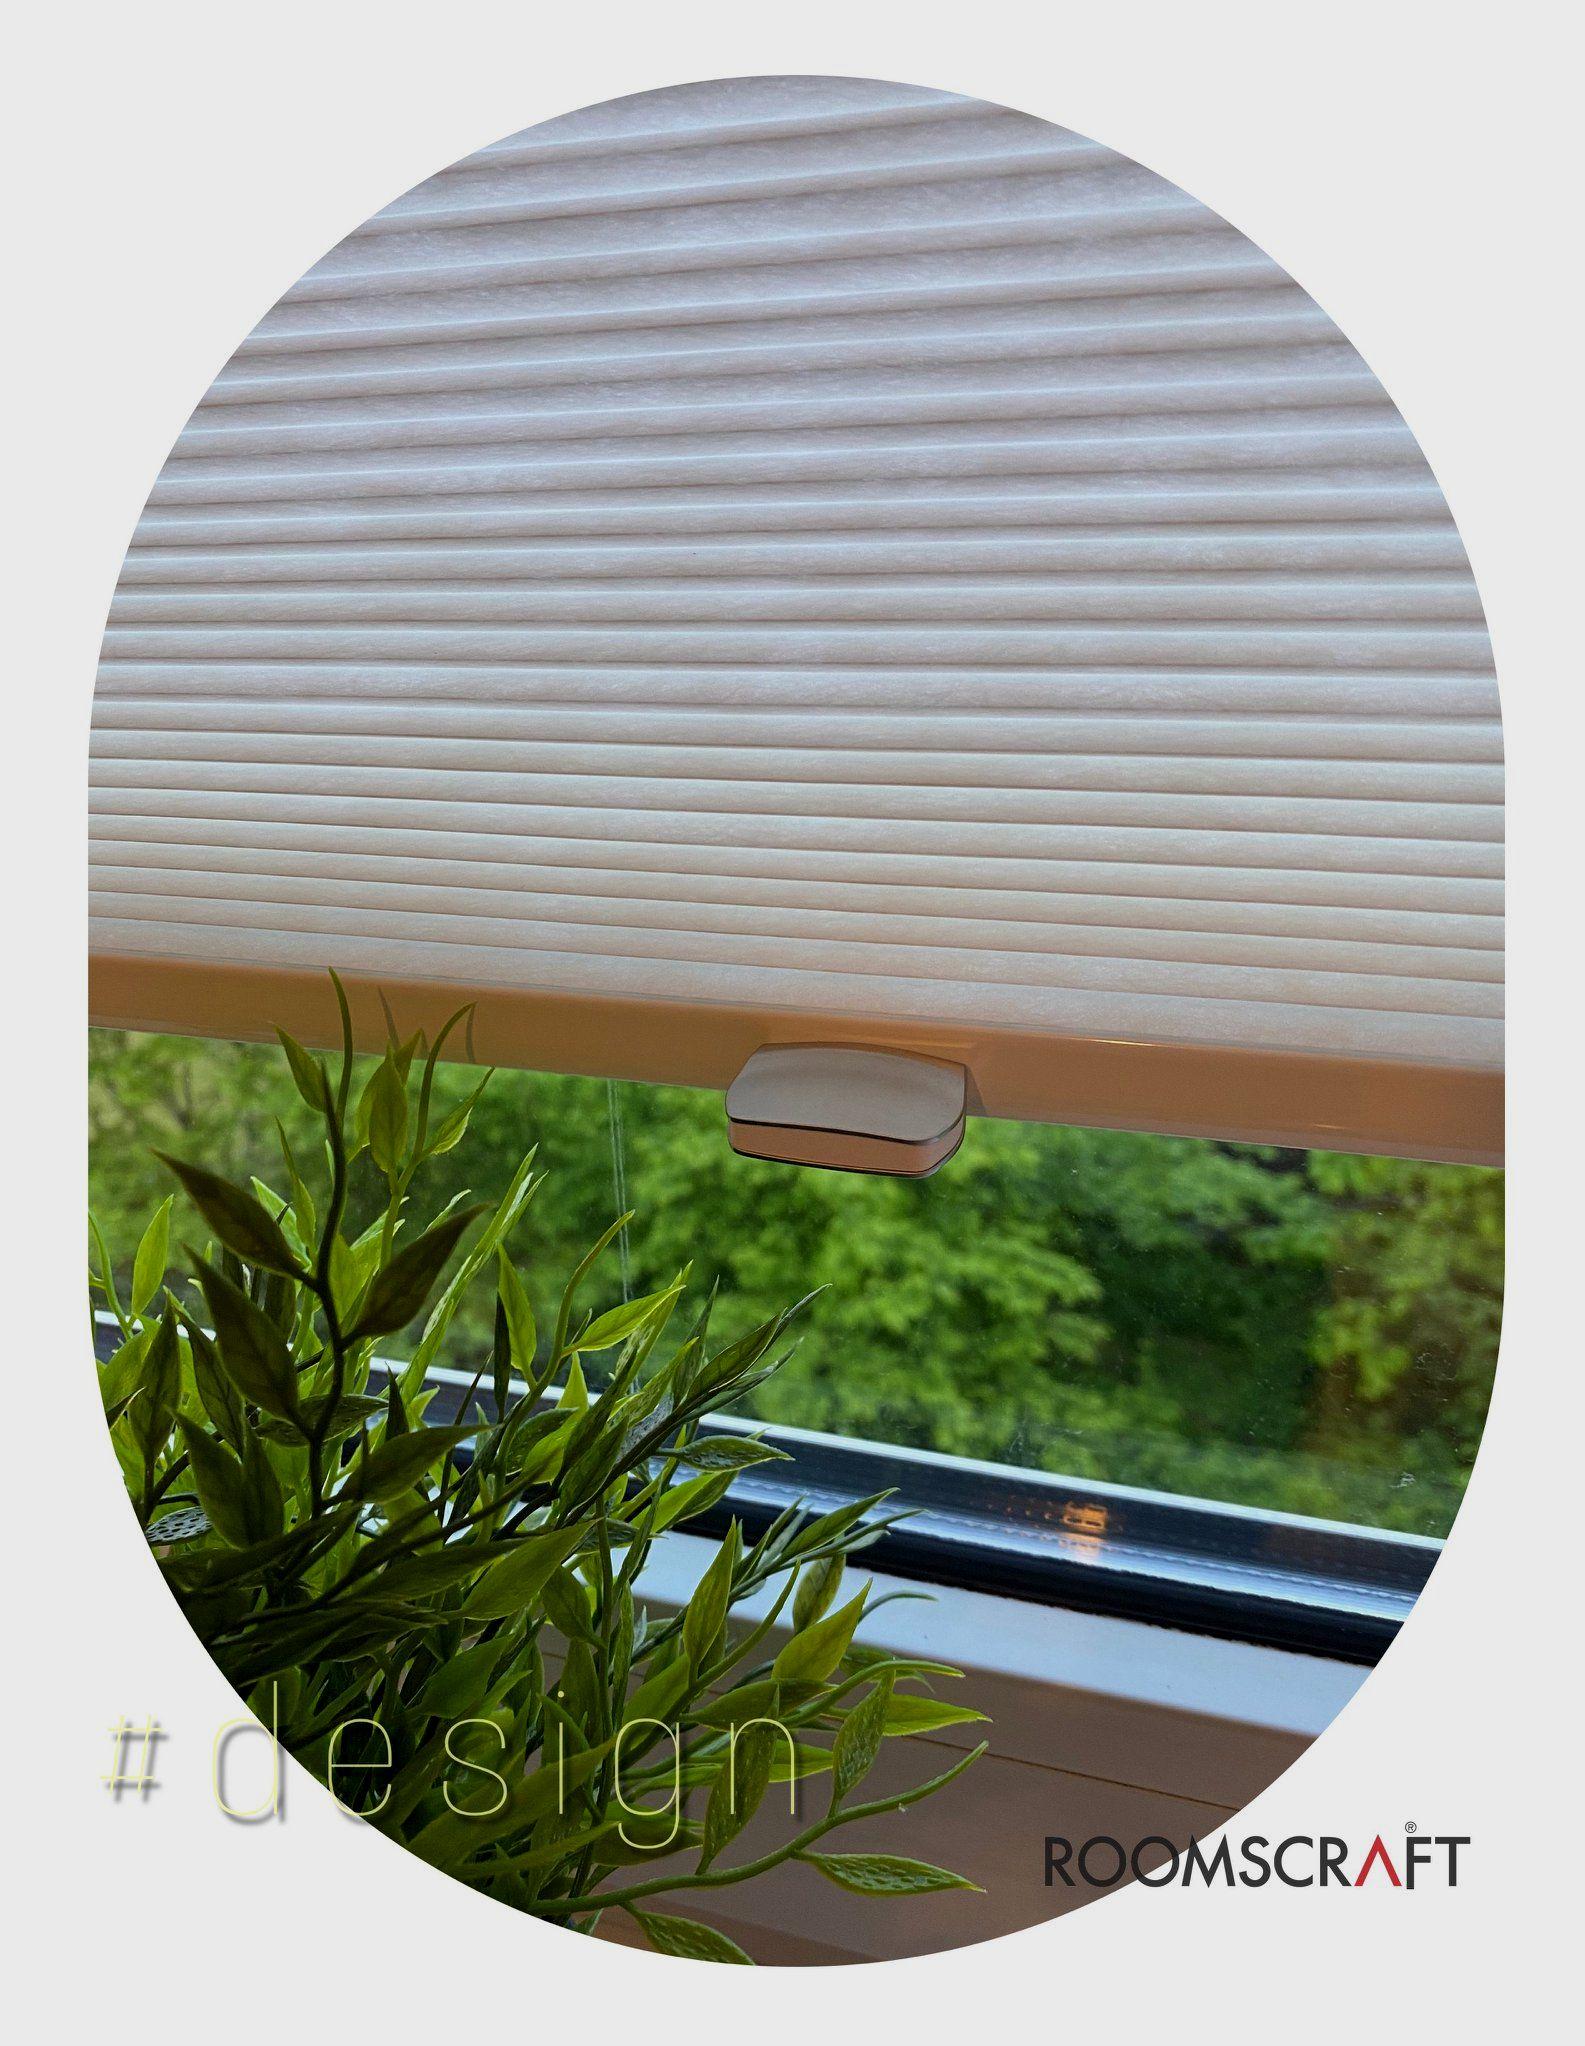 Roomscraft Sicht- und Sonnenschutz